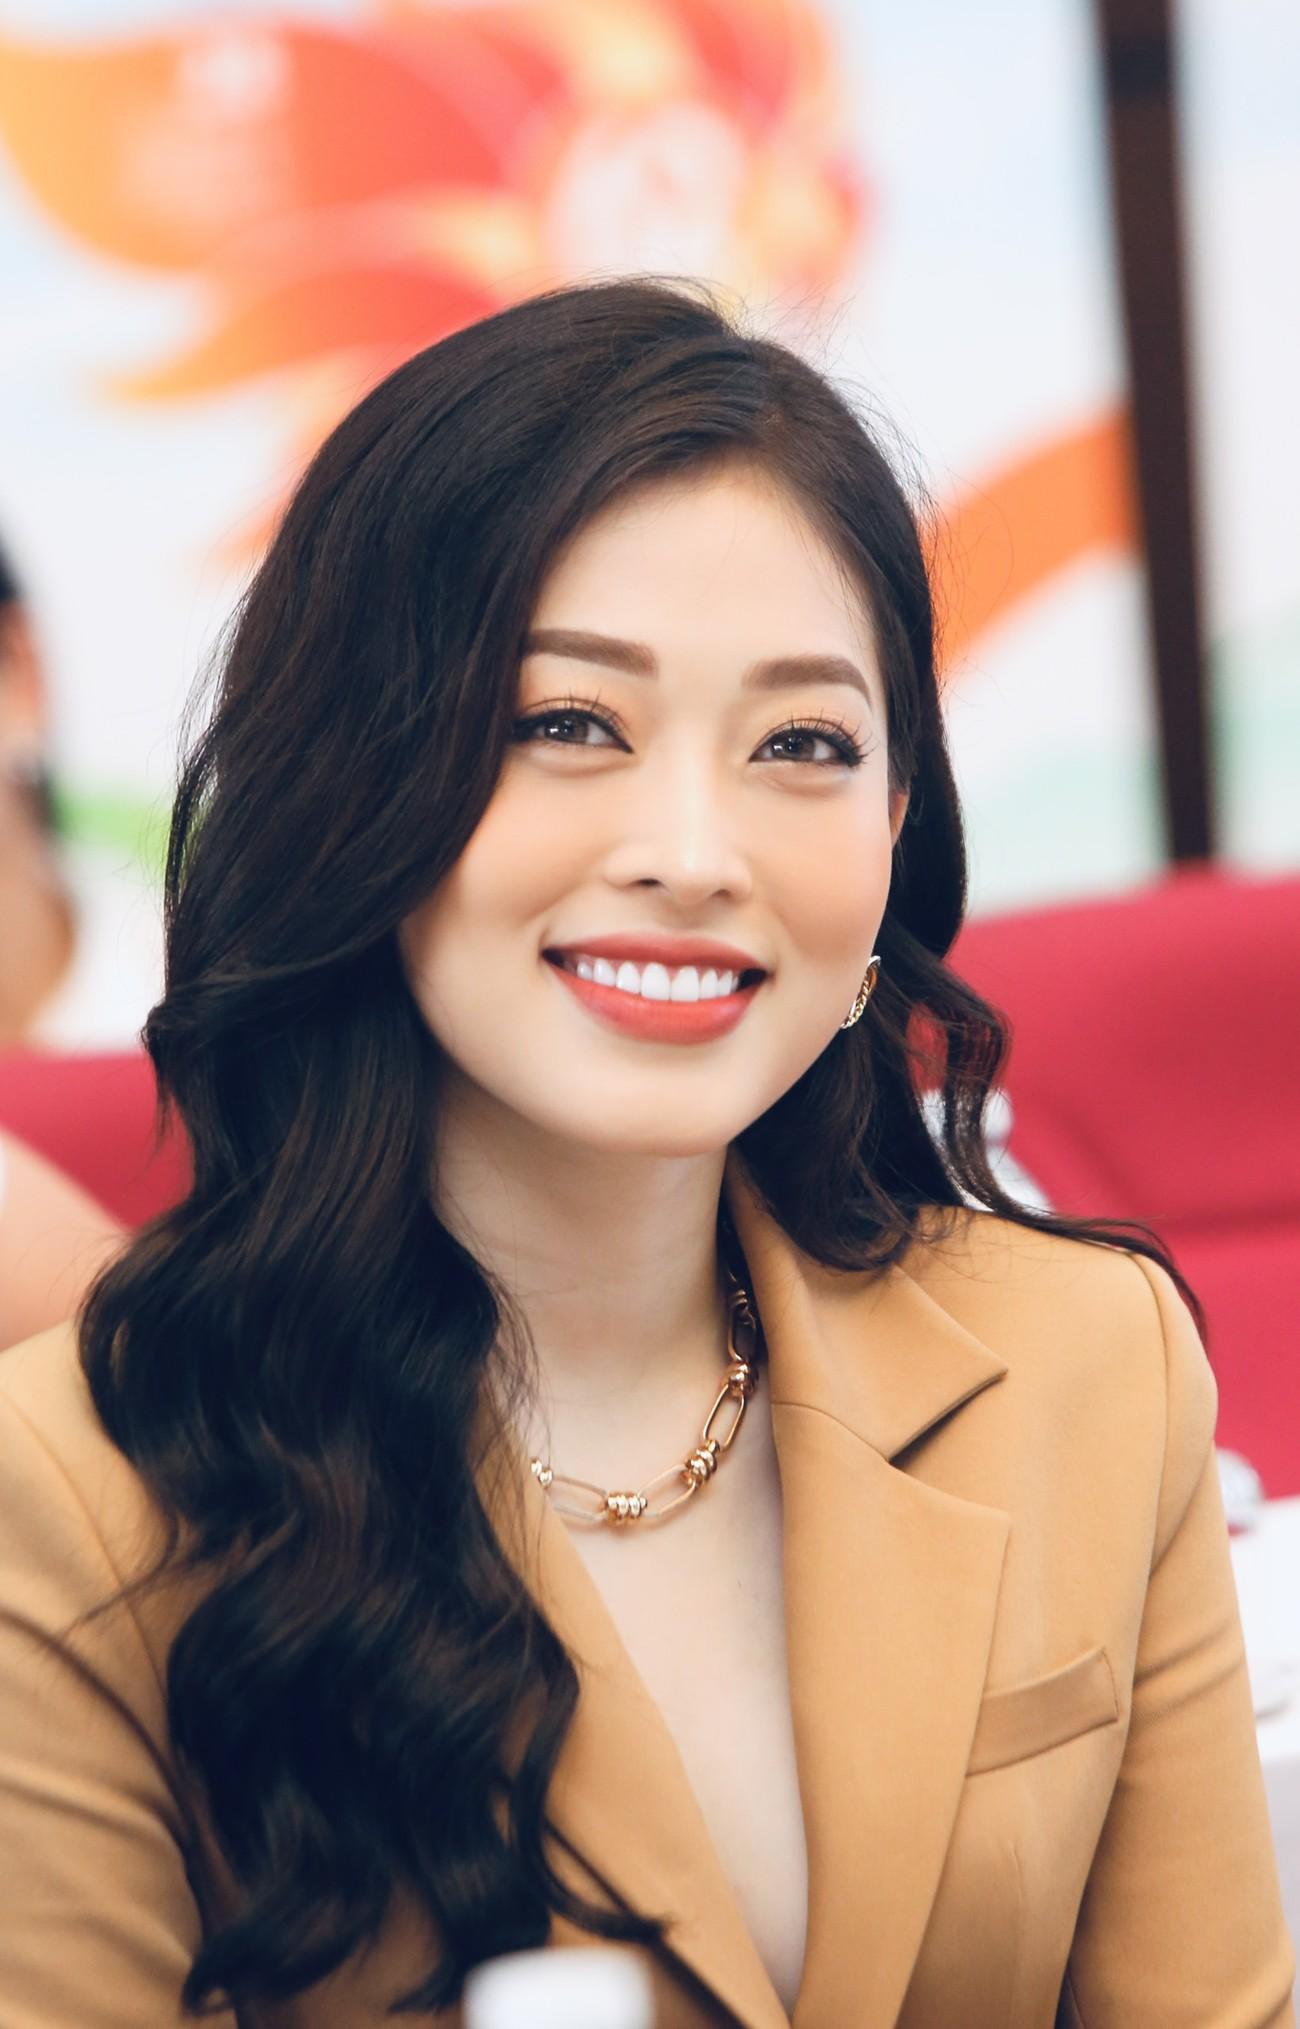 Hoa hậu Đỗ Mỹ Linh xinh đẹp rạng rỡ tại họp báo Tiền Phong Marathon 2021 ảnh 8